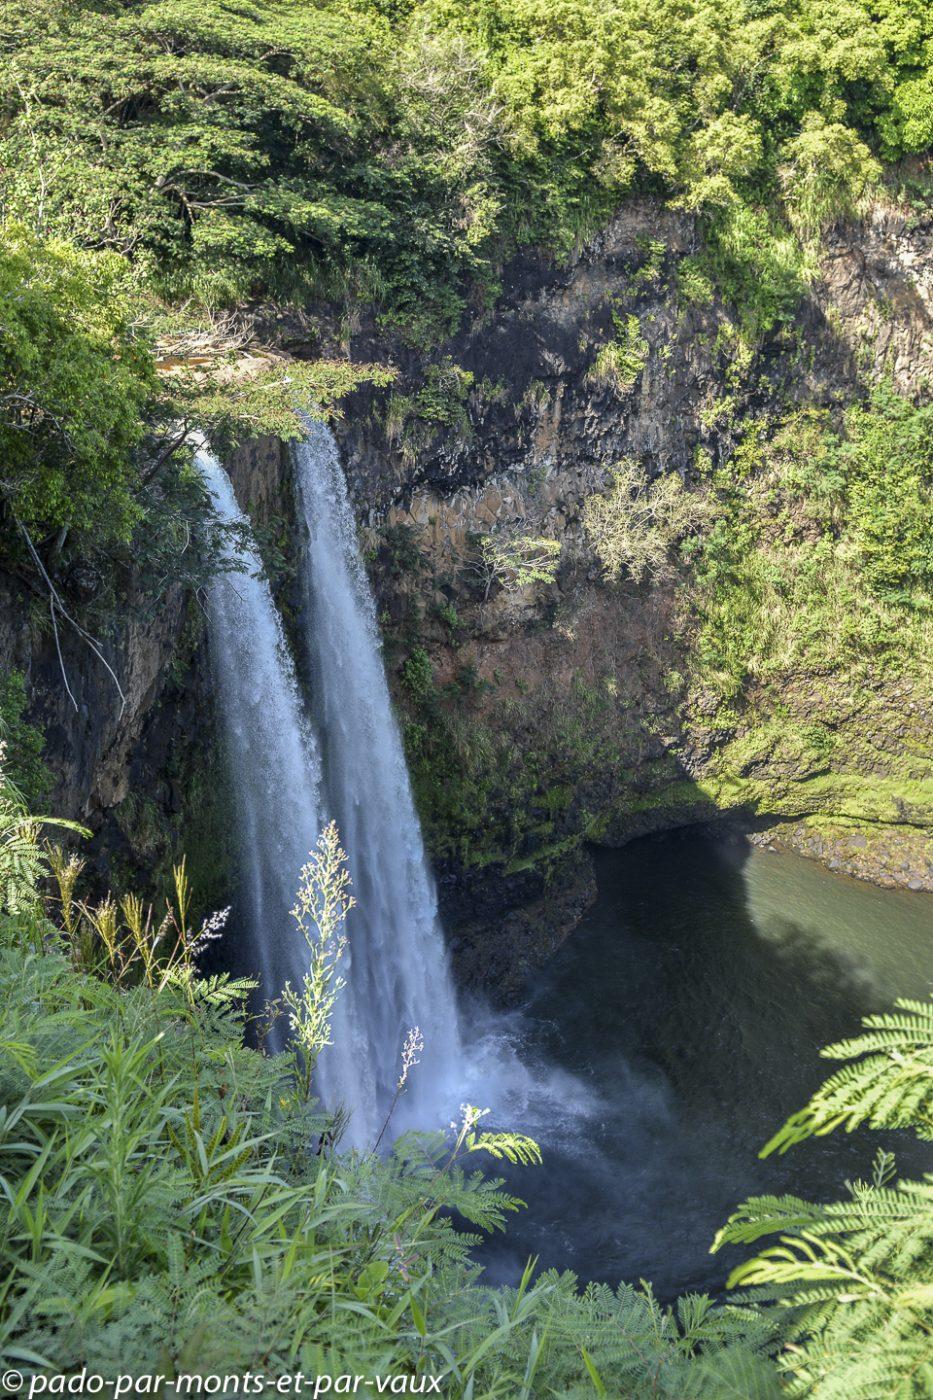 Kauai - Wailua falls